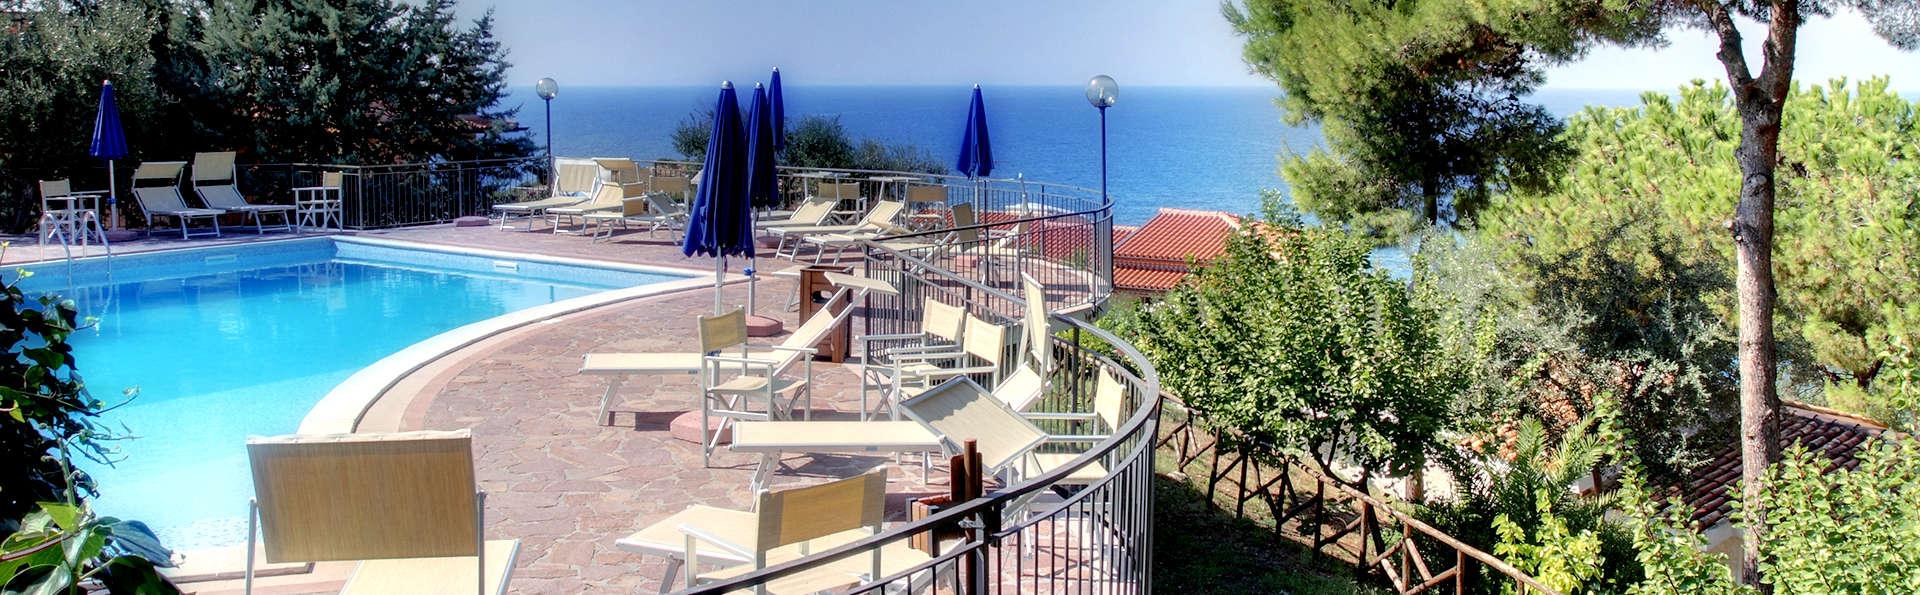 Confort y diversión en la Riviera de los Cedros (7 noches)